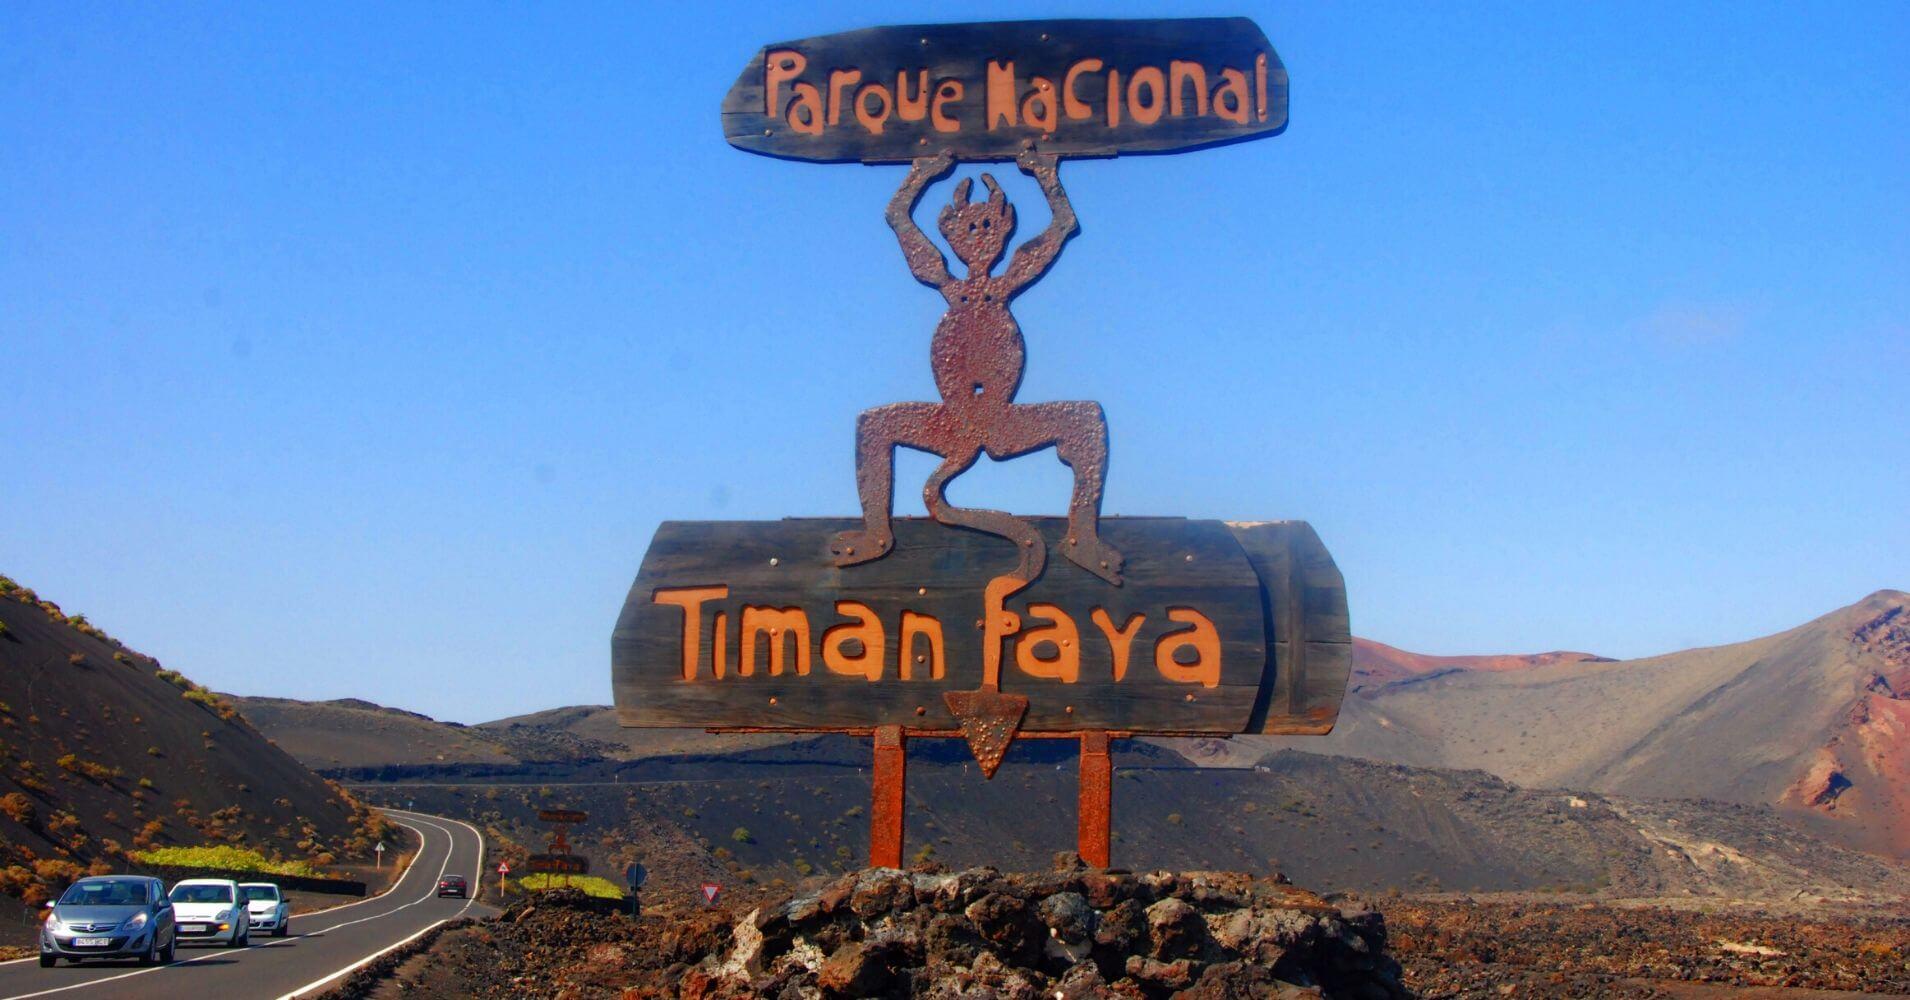 Demonio del Parque Nacional de Timanfaya. Lanzarote, Islas Canarias.